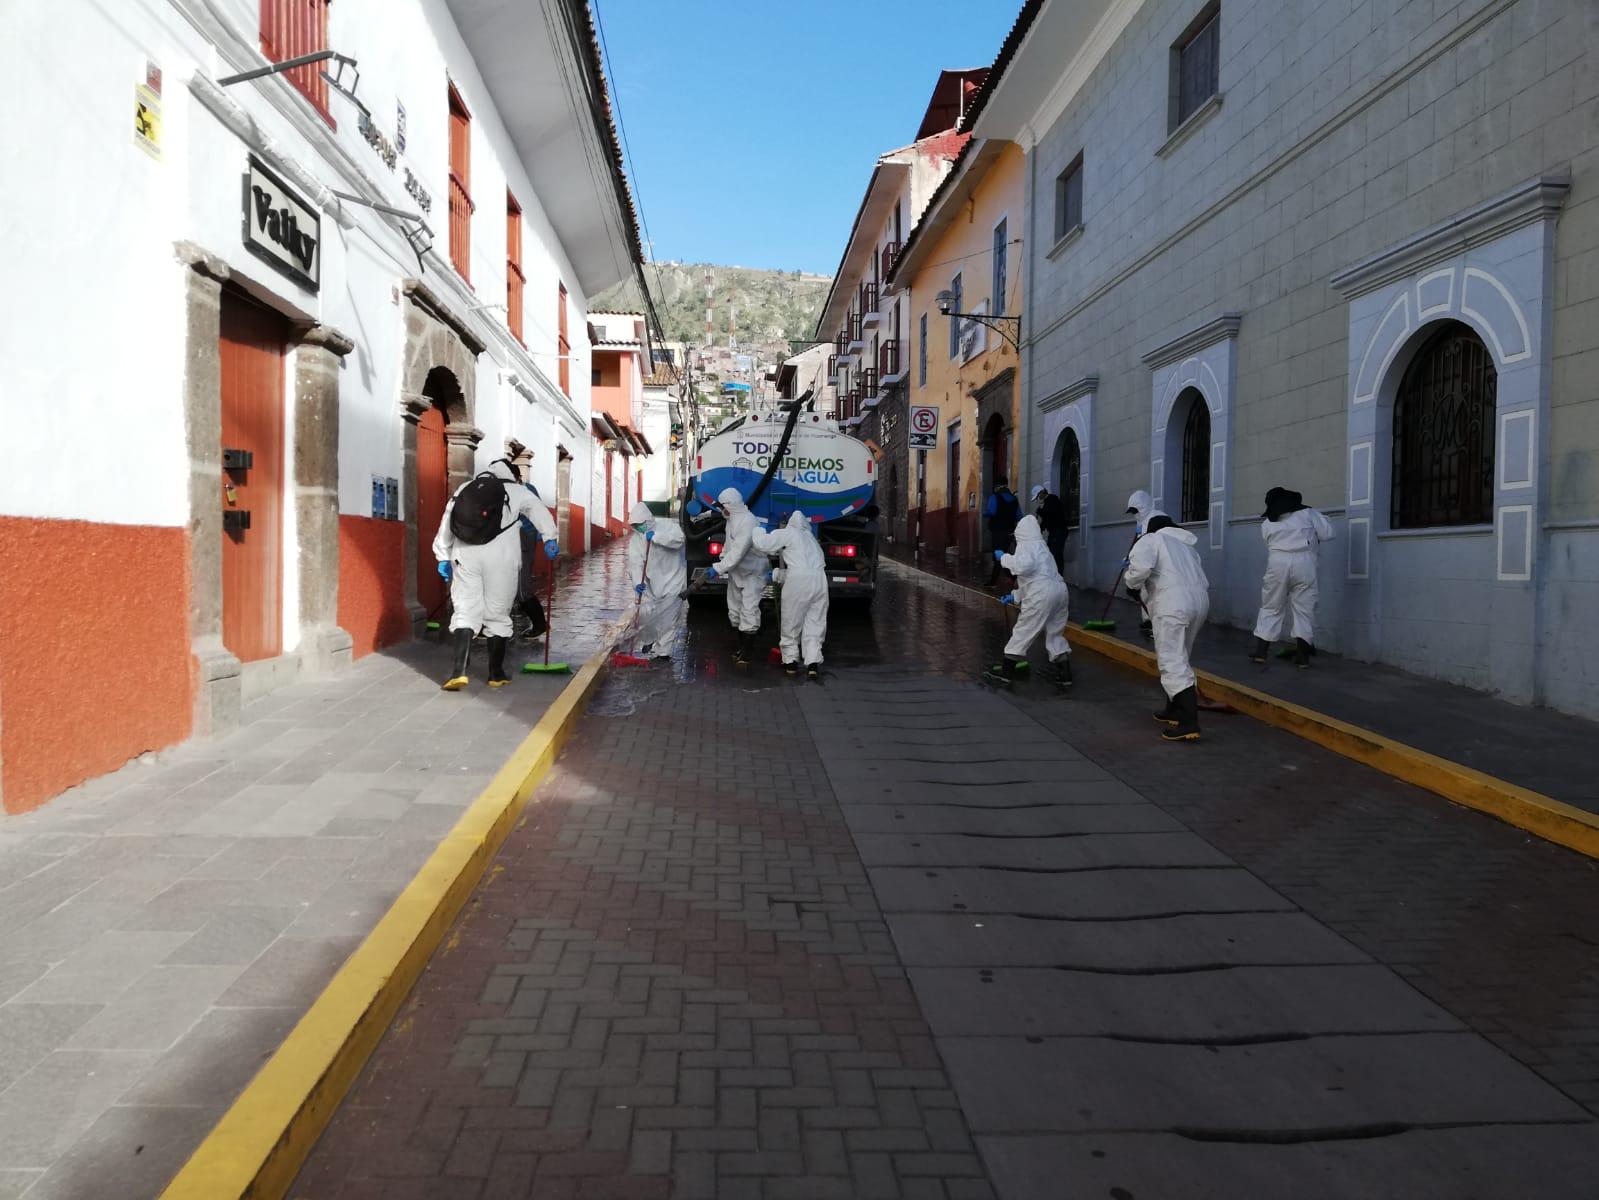 Continúan labores de desinfección en calles y espacios públicos